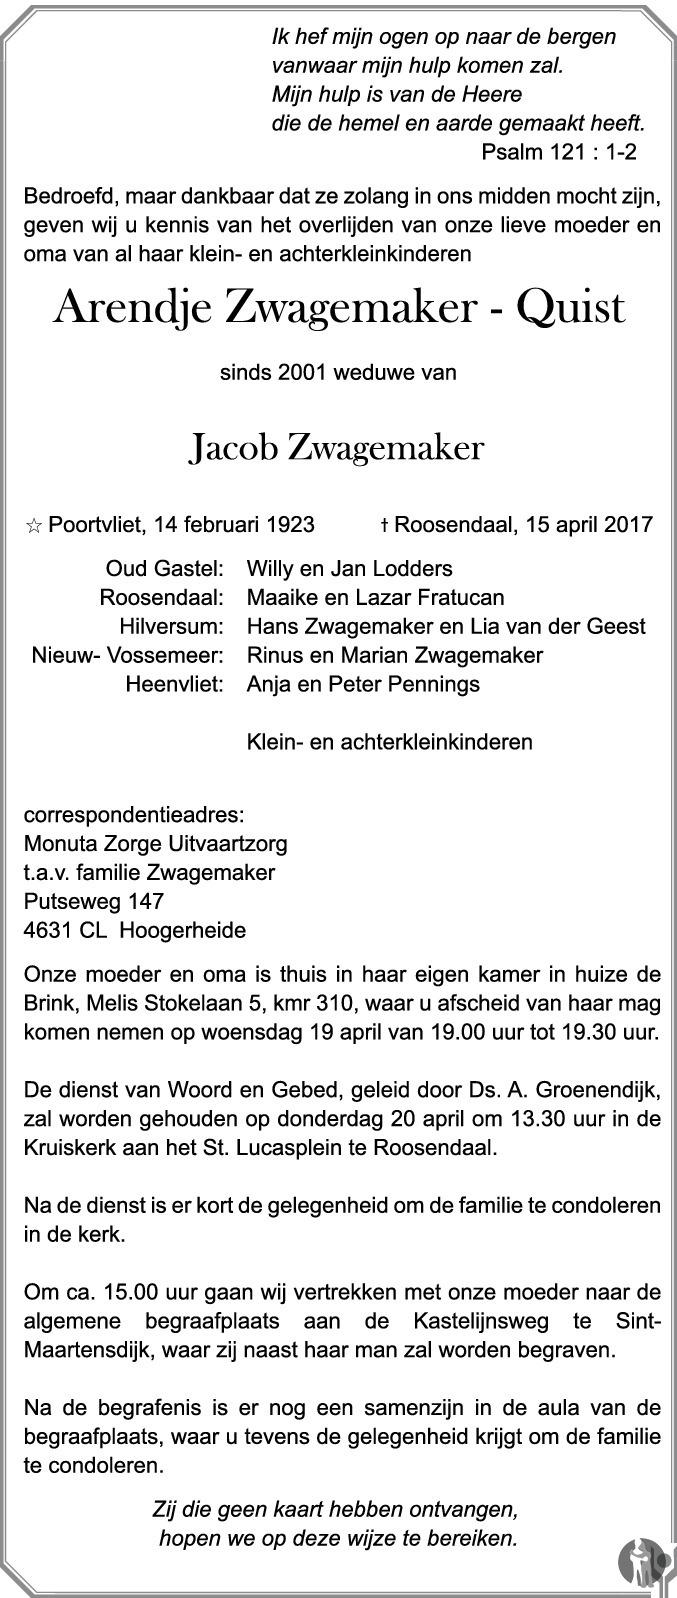 Overlijdensbericht van Arendje Zwagemaker - Quist in BN DeStem